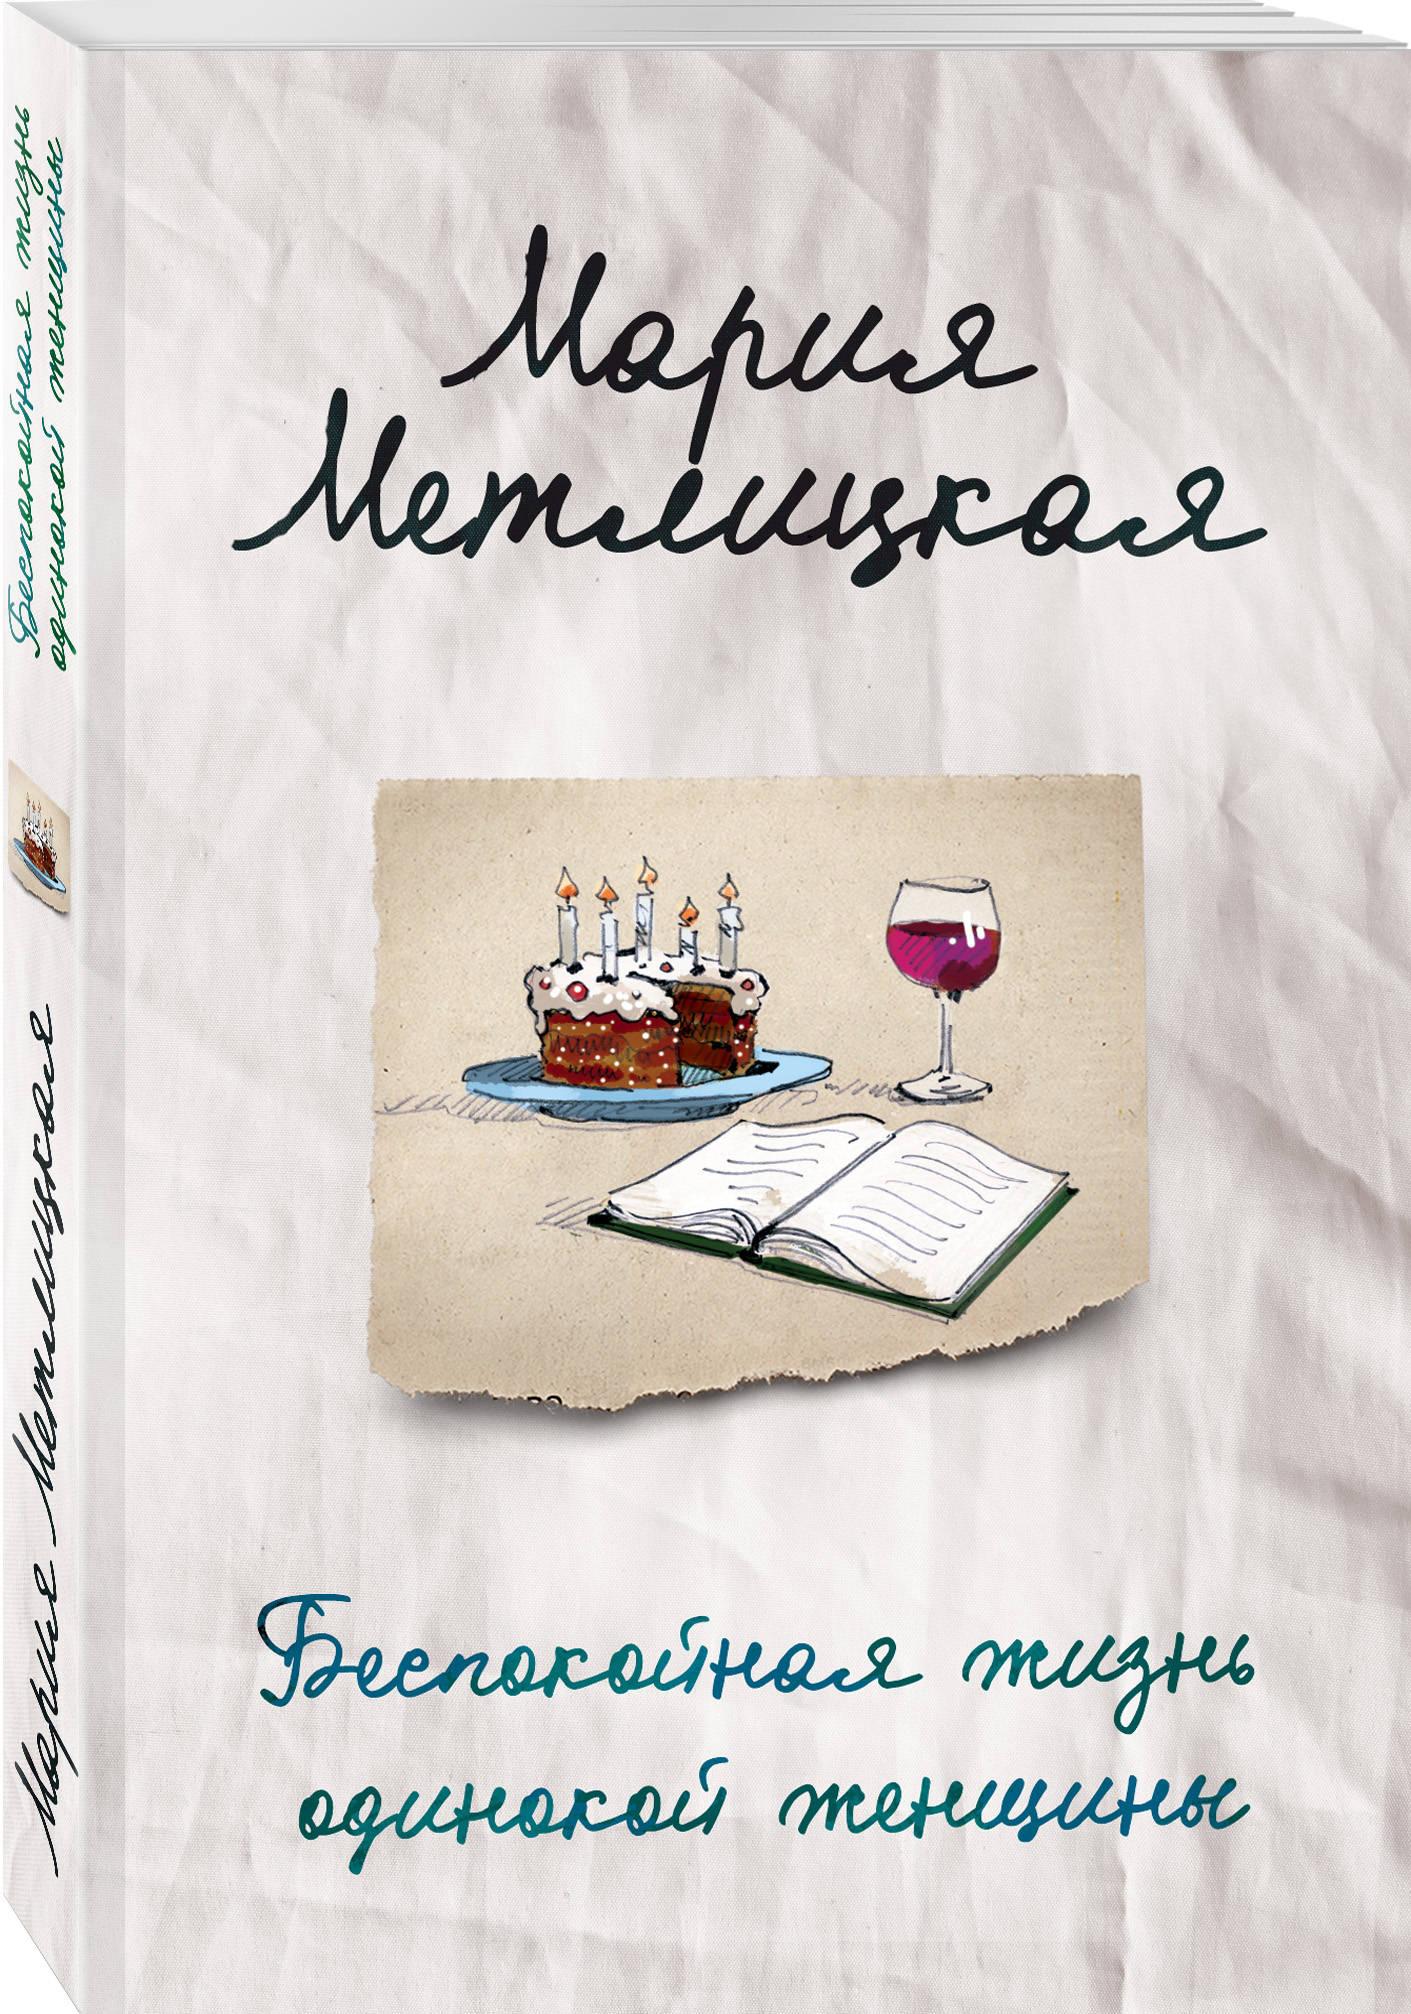 Метлицкая М. Беспокойная жизнь одинокой женщины ISBN: 978-5-04-096035-4 екатерина красавина как не остаться одинокой